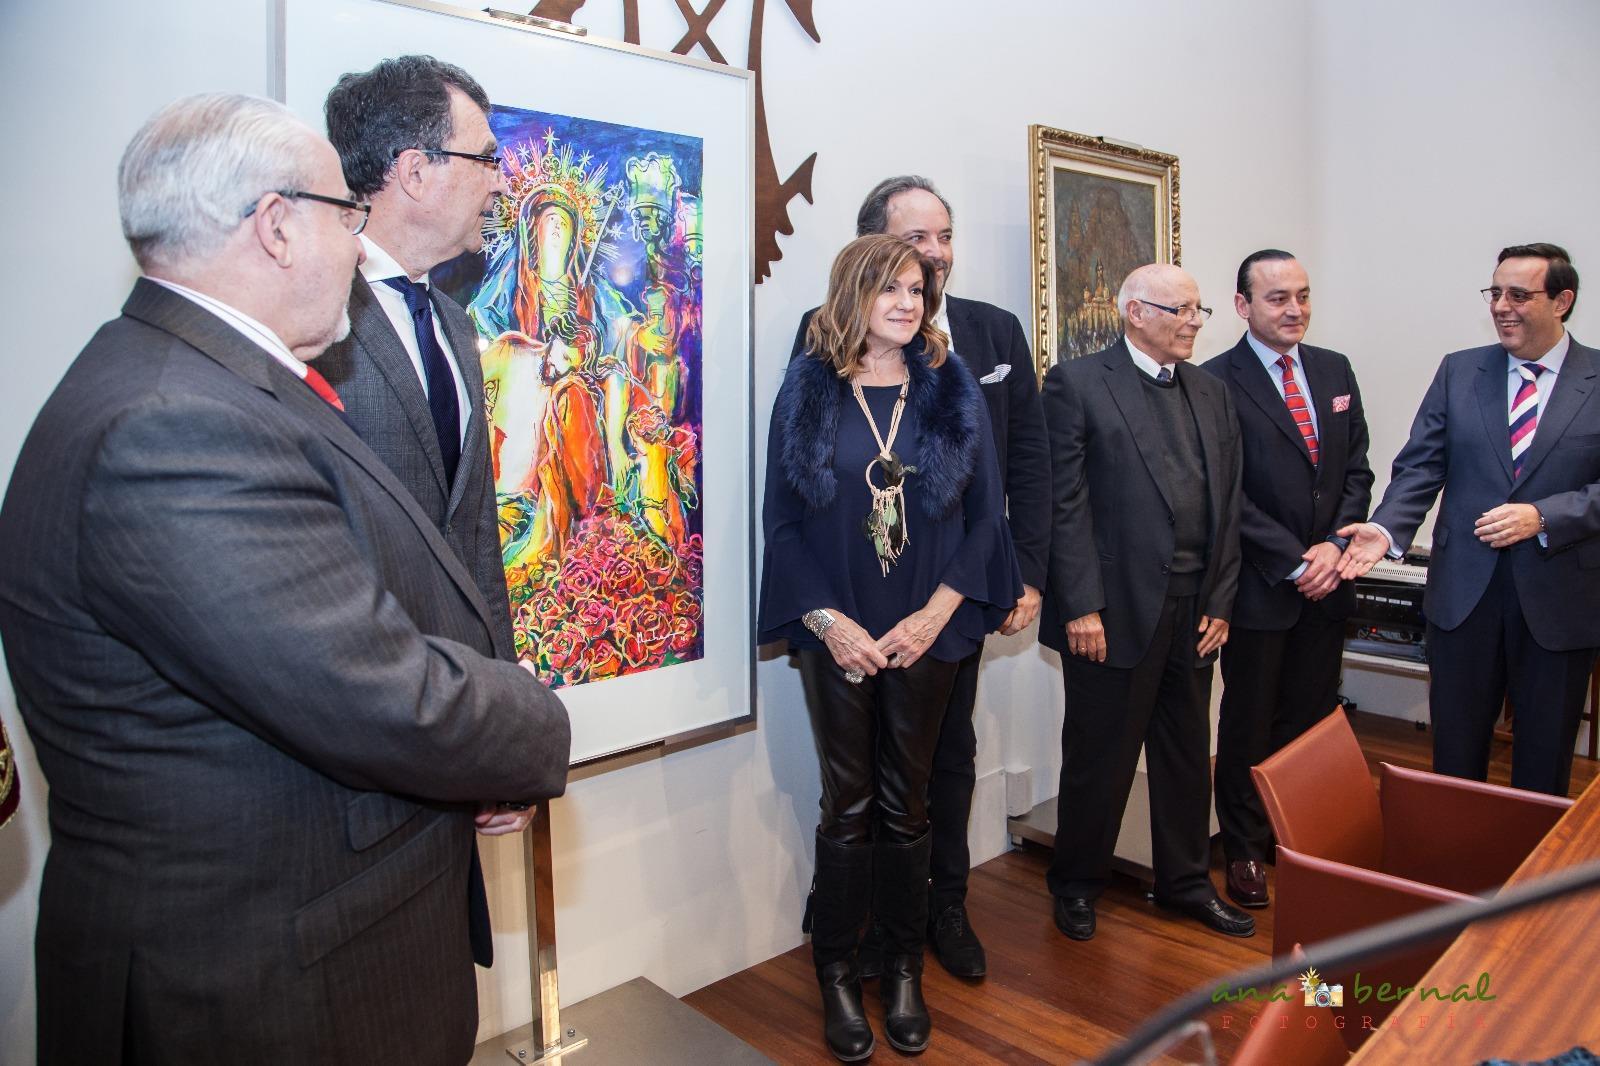 16112520 1053458171430790 1545785427227071246 o MUHER diseña el cartel oficial del III Encuentro Internacional de Hermandades y Cofradías que se celebrará en Murcia